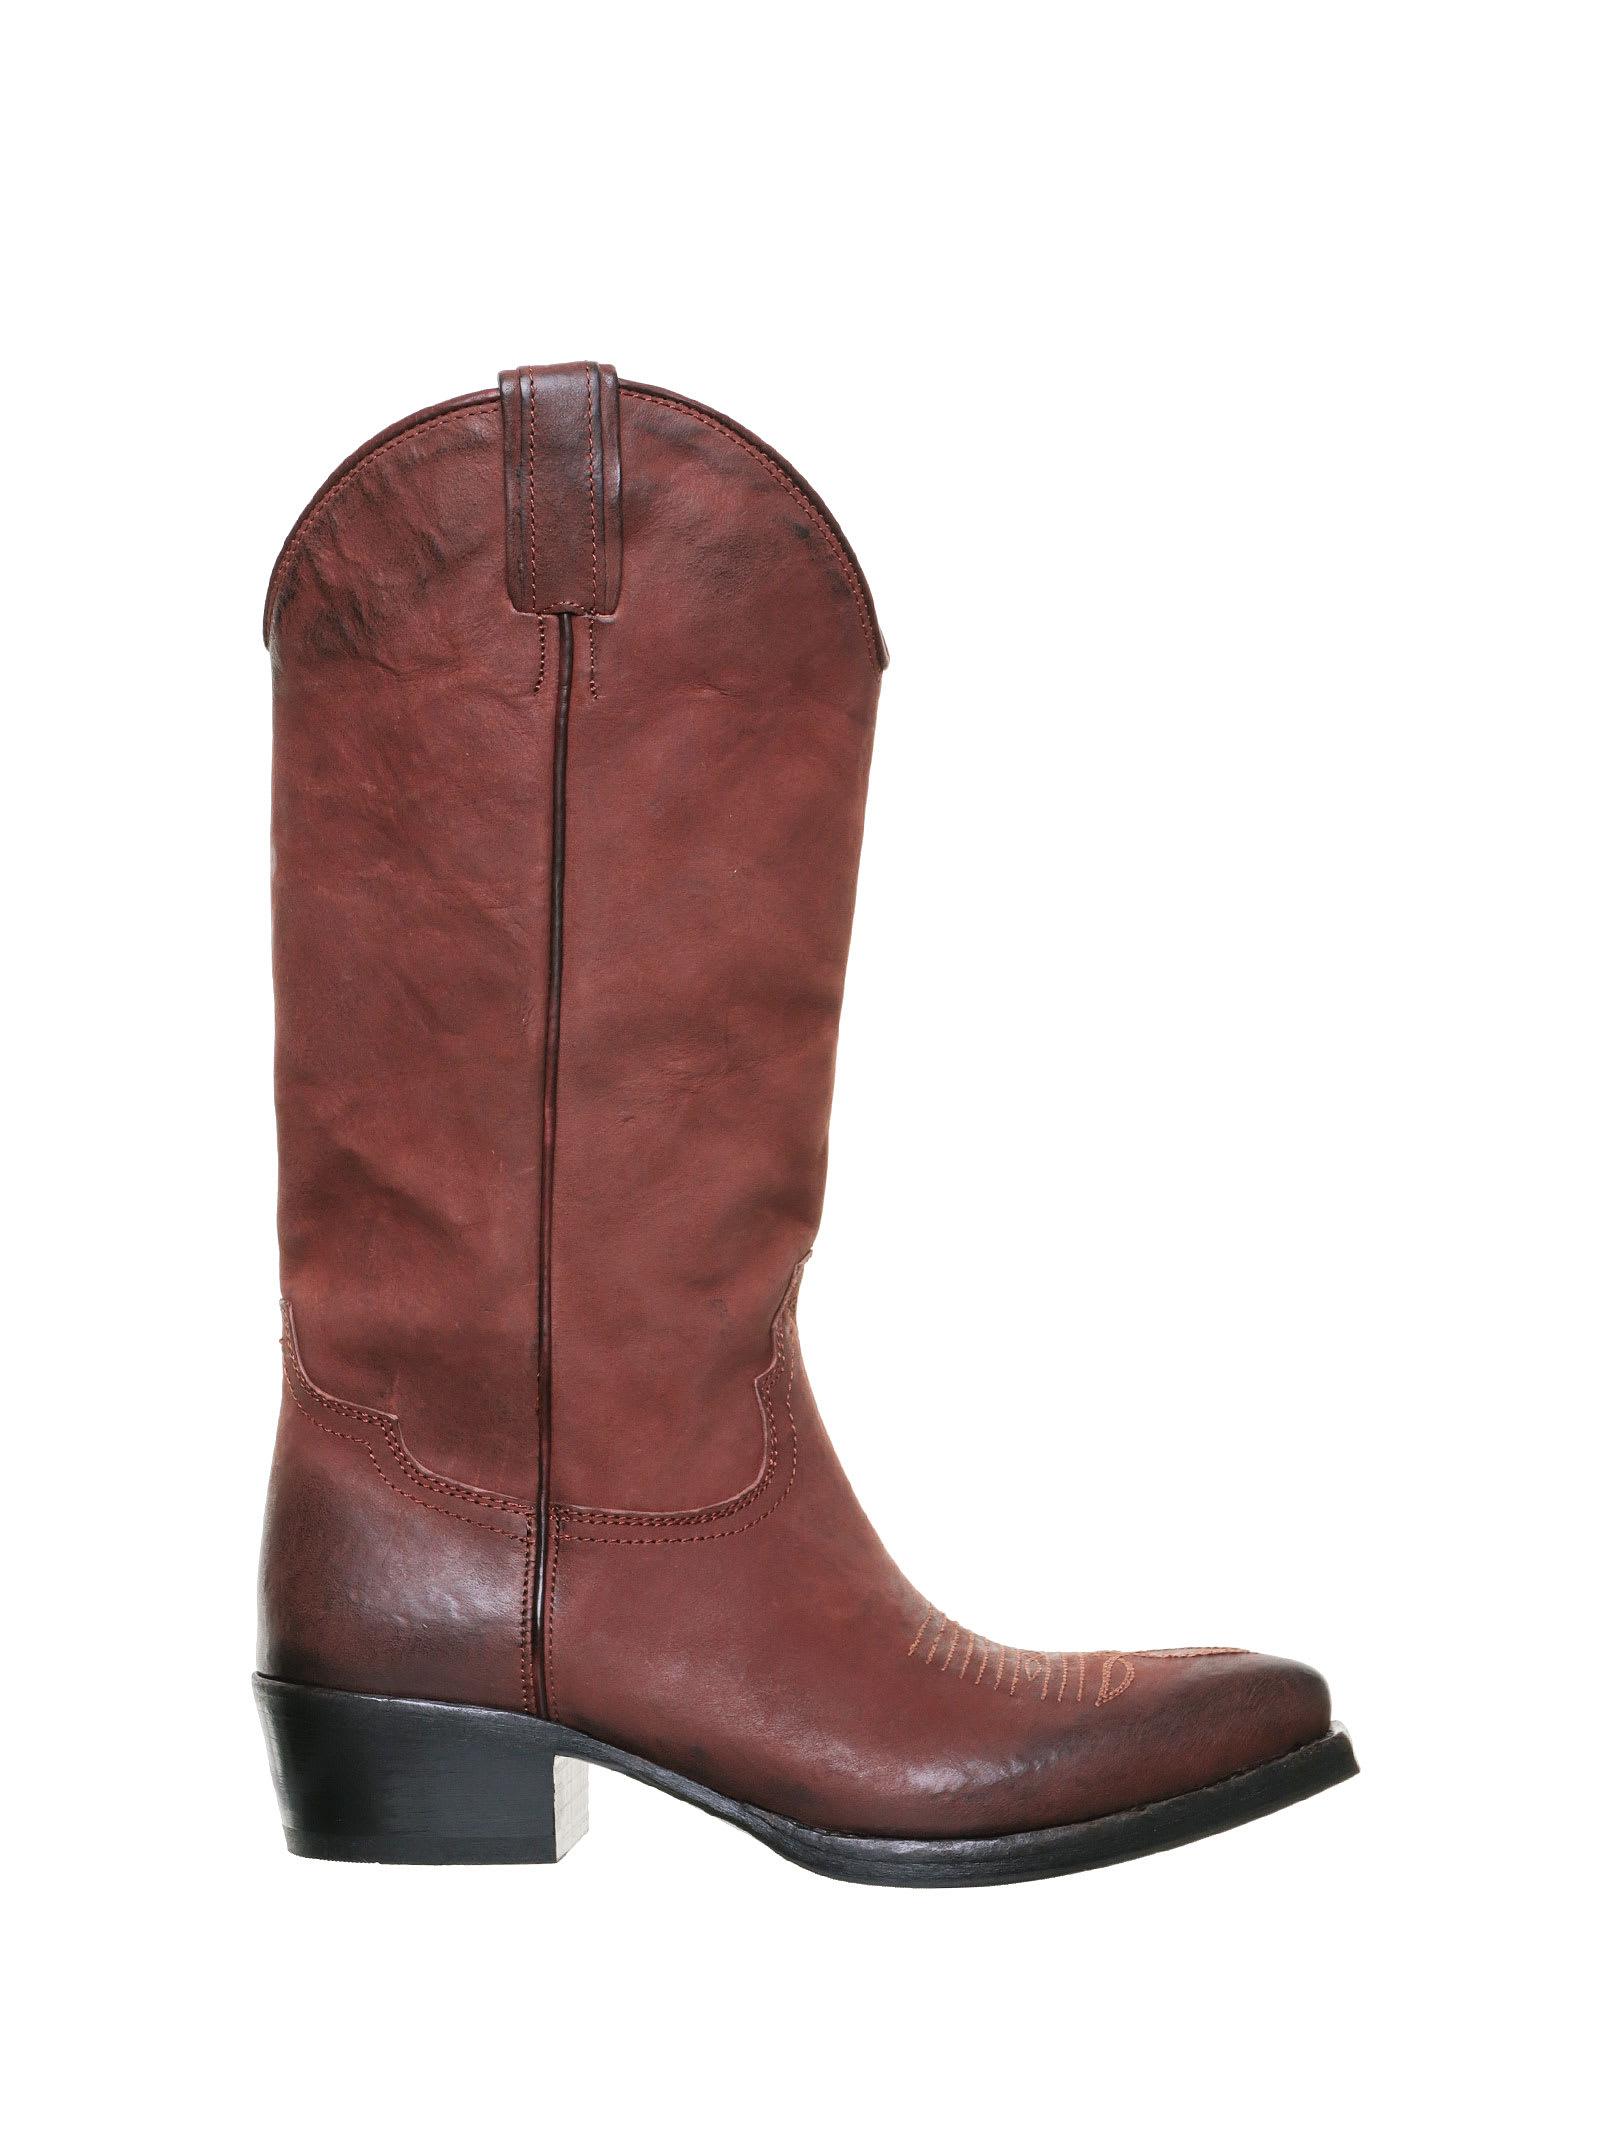 Ducanero Ducanero Western Boots